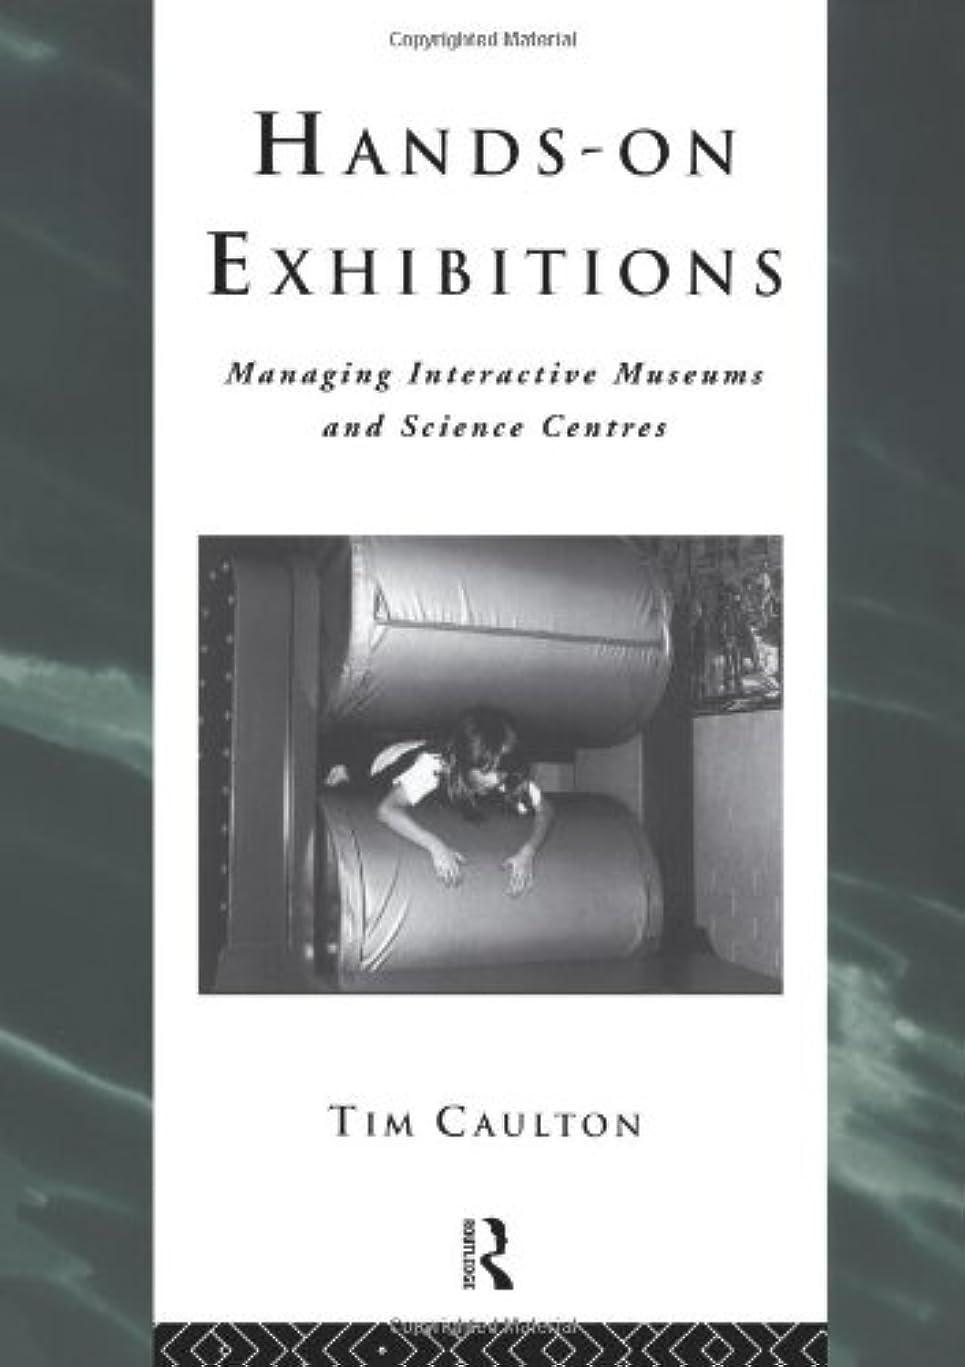 空衣服チャーターHands-On Exhibitions: Managing Interactive Museums and Science Centres (Heritage: Care-Preservation-Management)